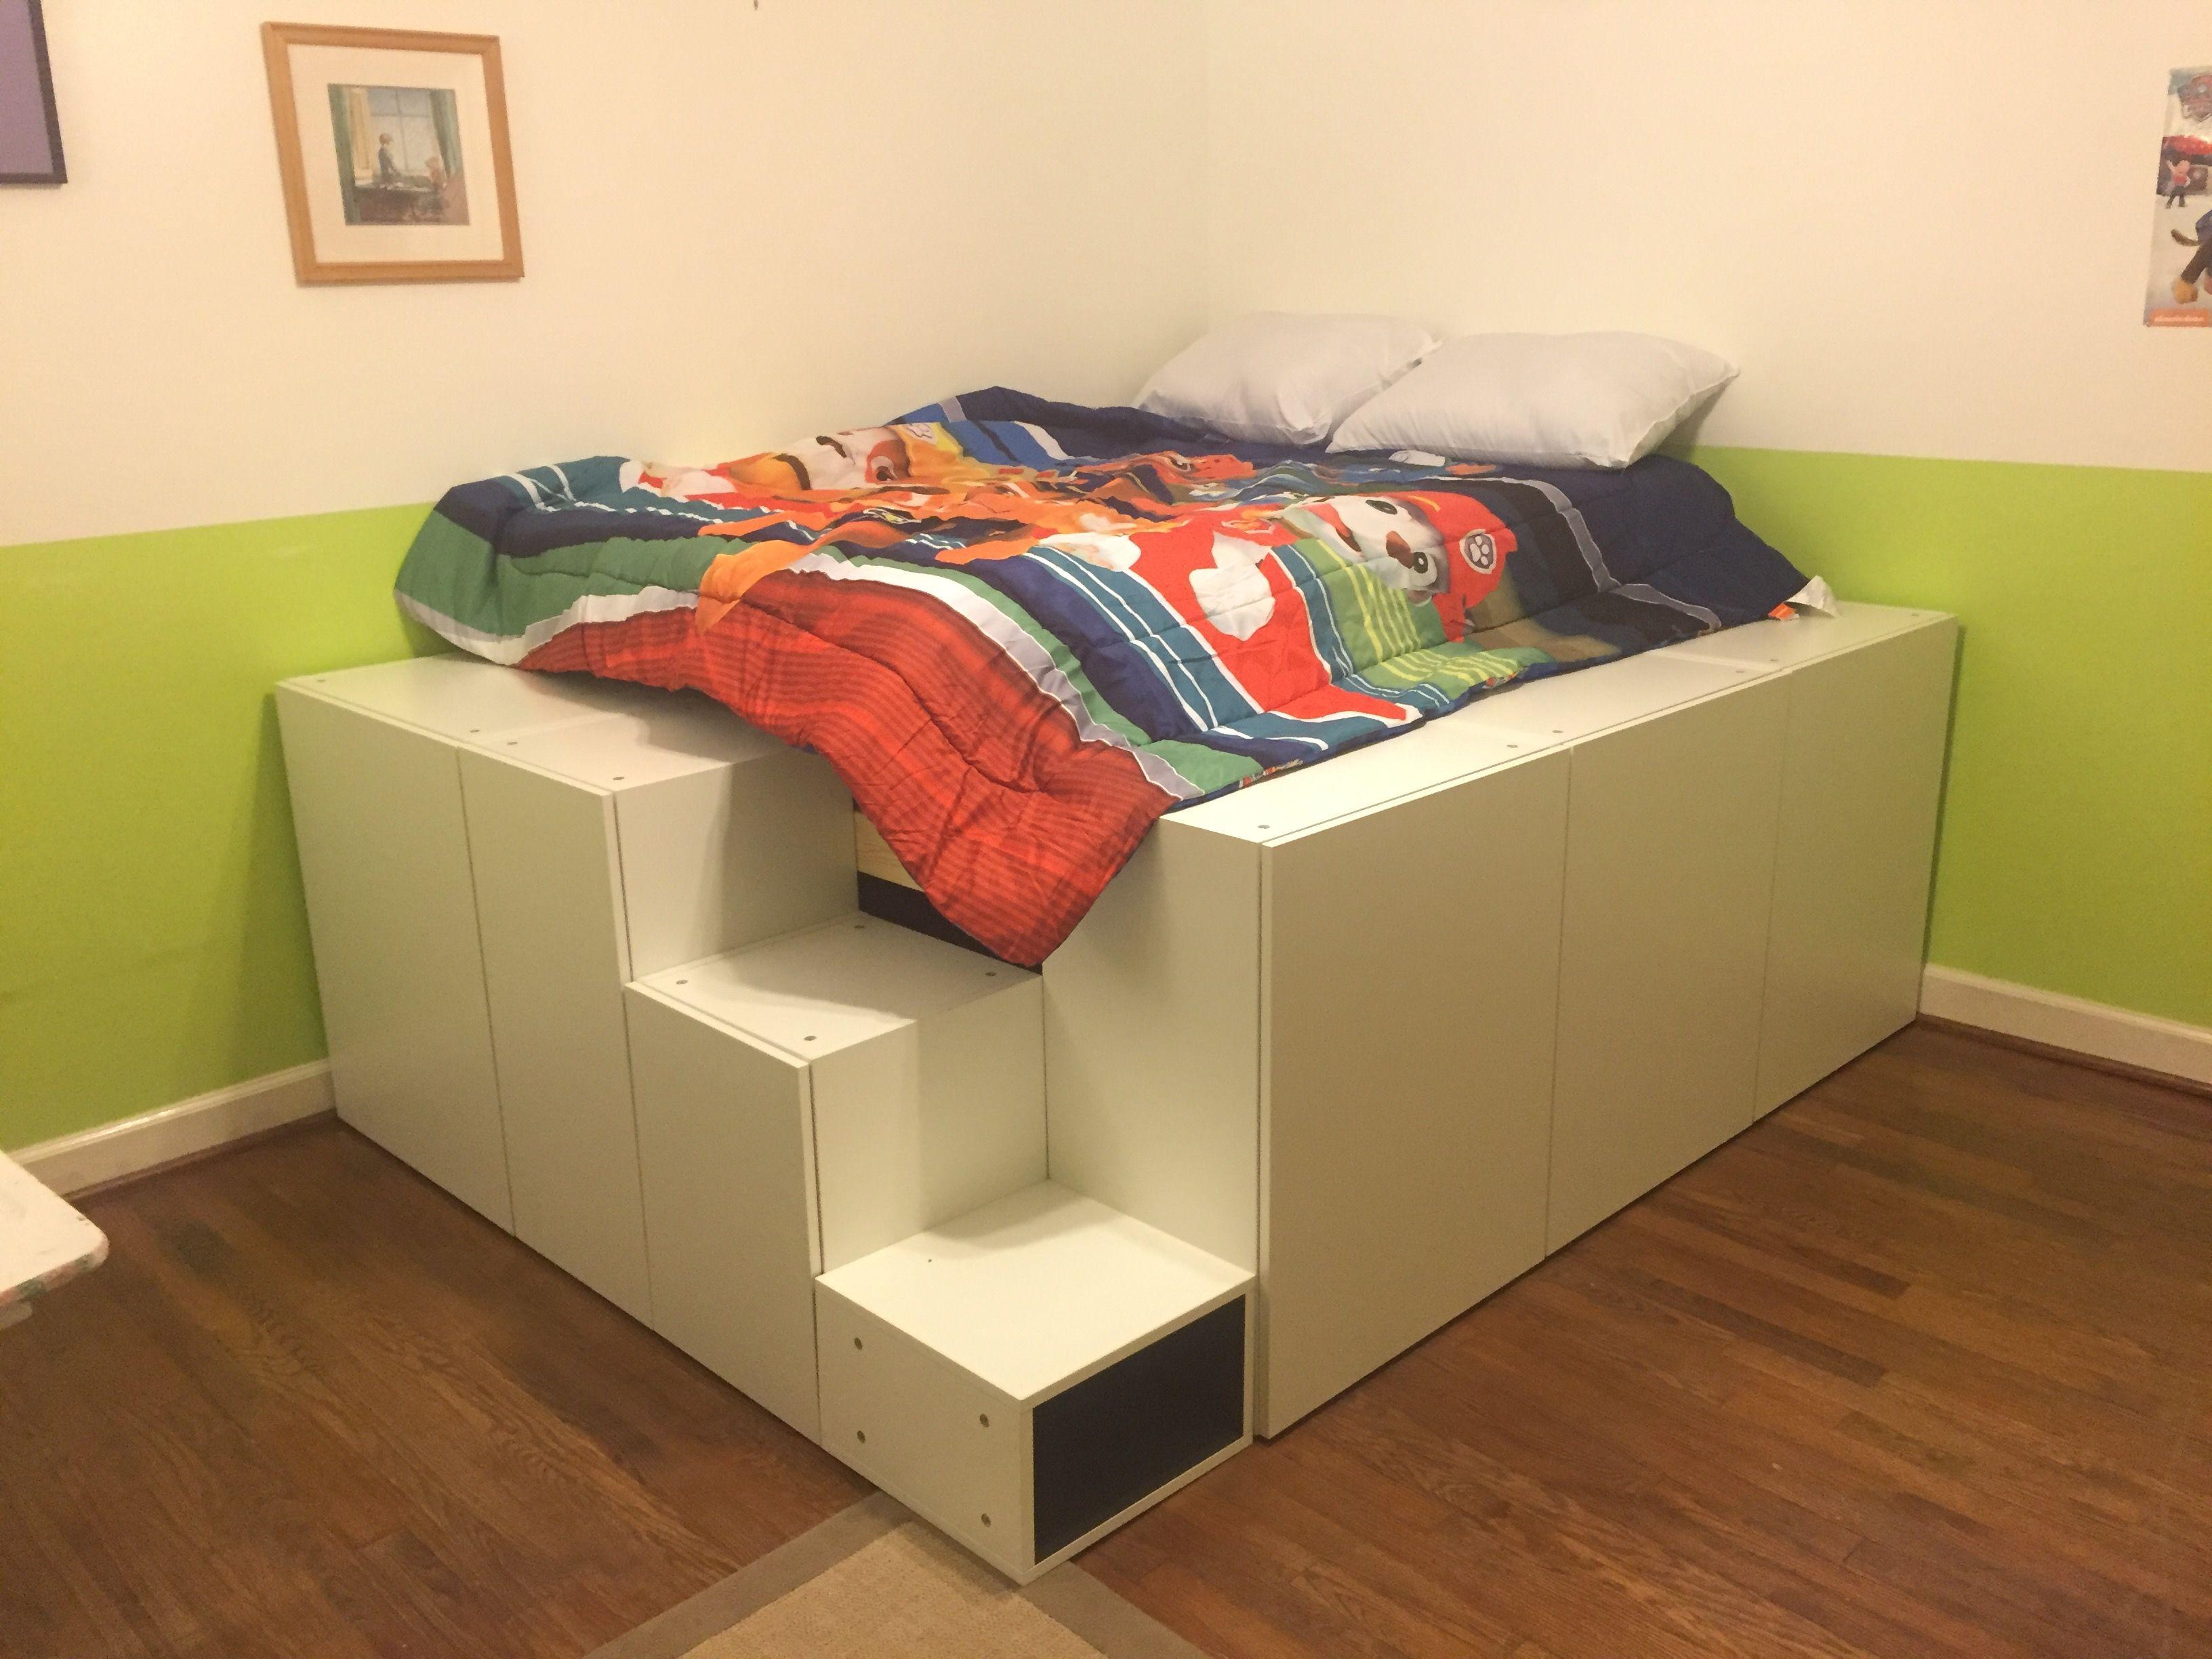 Bedbuilder Davis Family Kennedy room ideas Pinterest